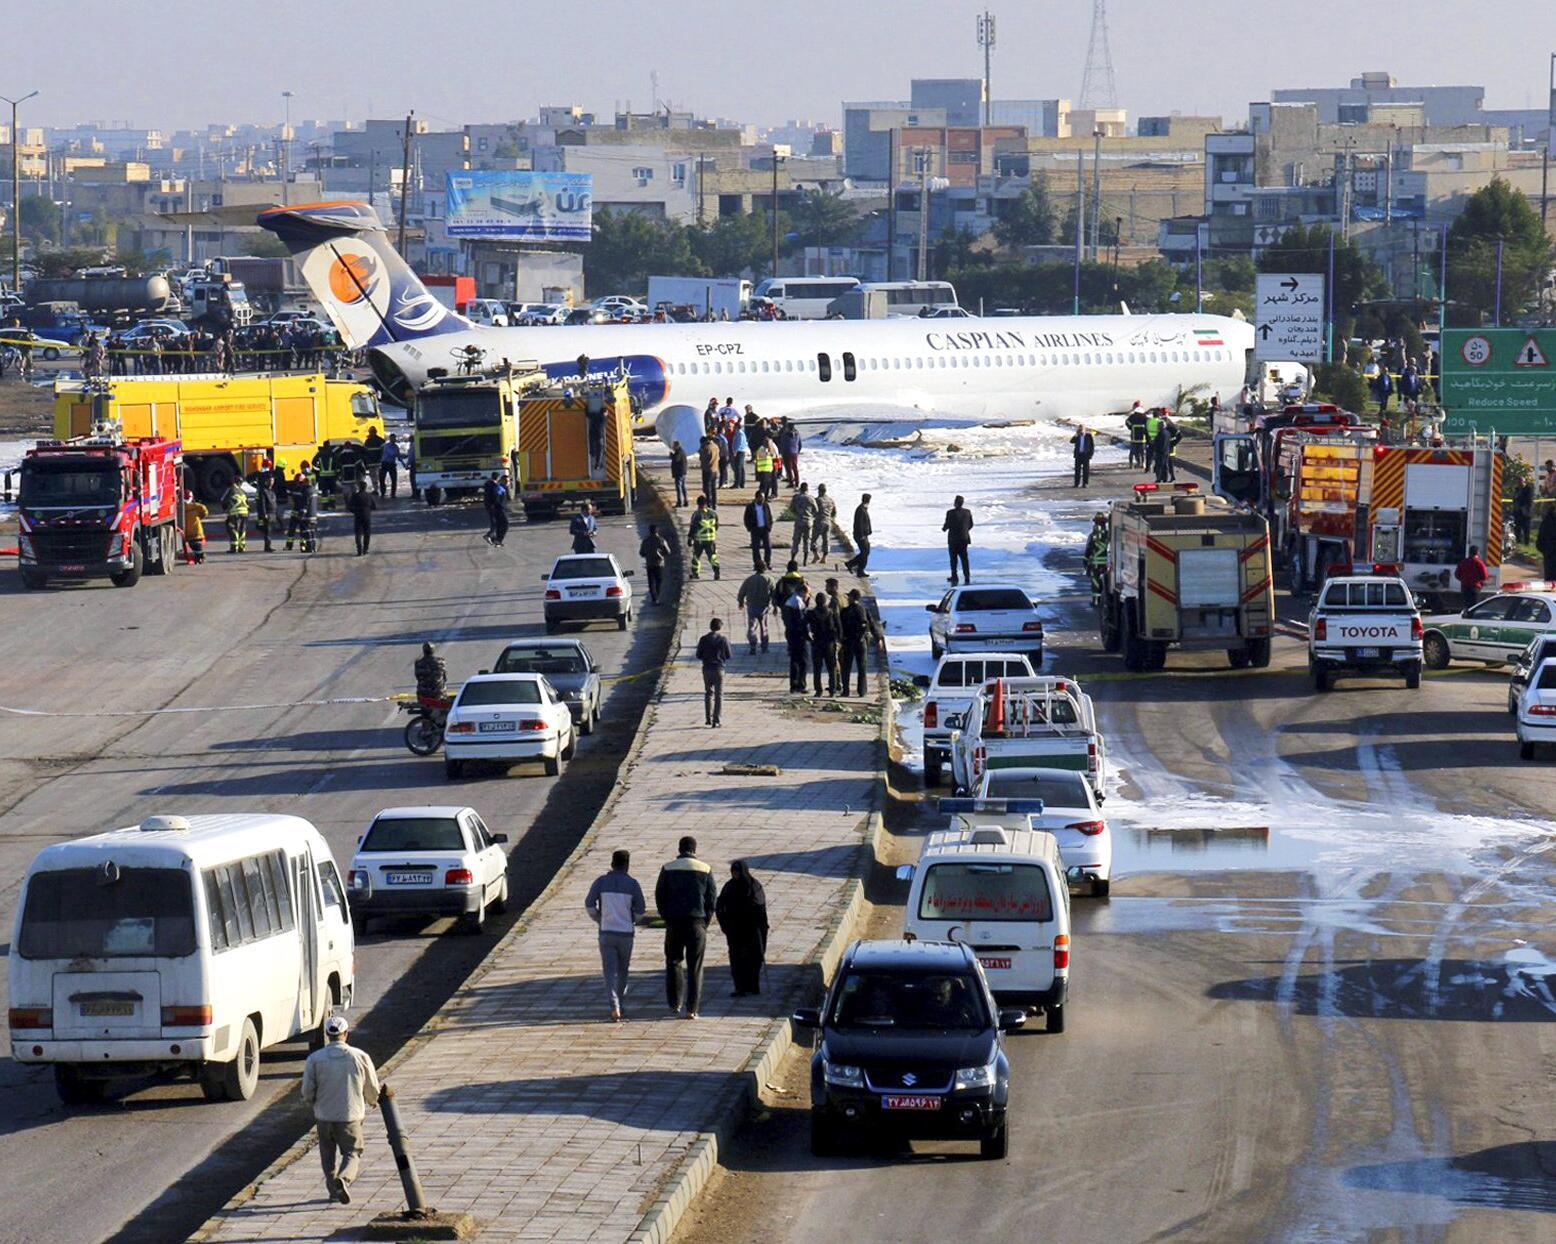 Bild zu Passagiermaschine rutscht im Iran bei Landung auf Autobahn